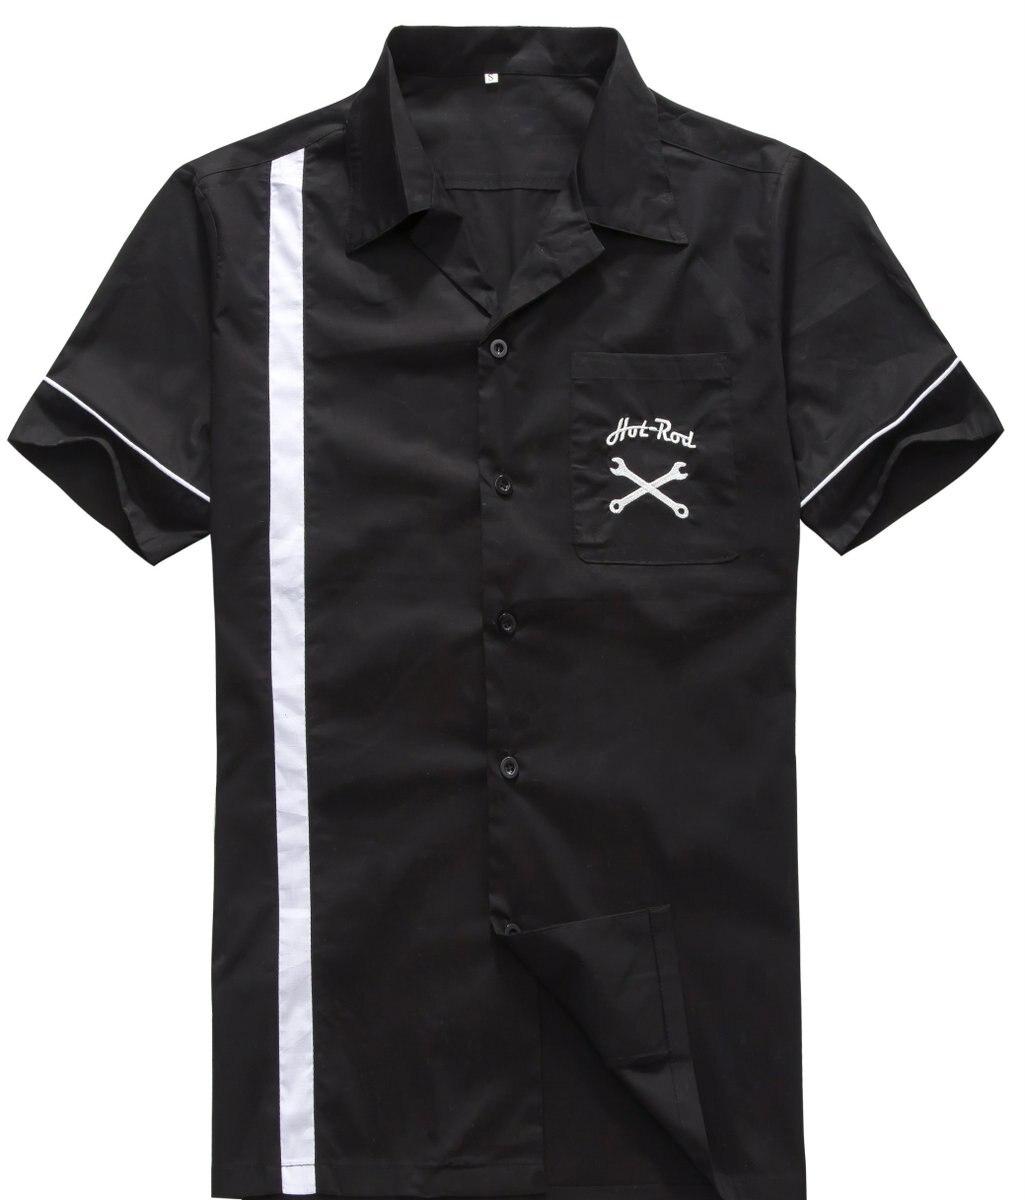 Vintage Shirts Online 77